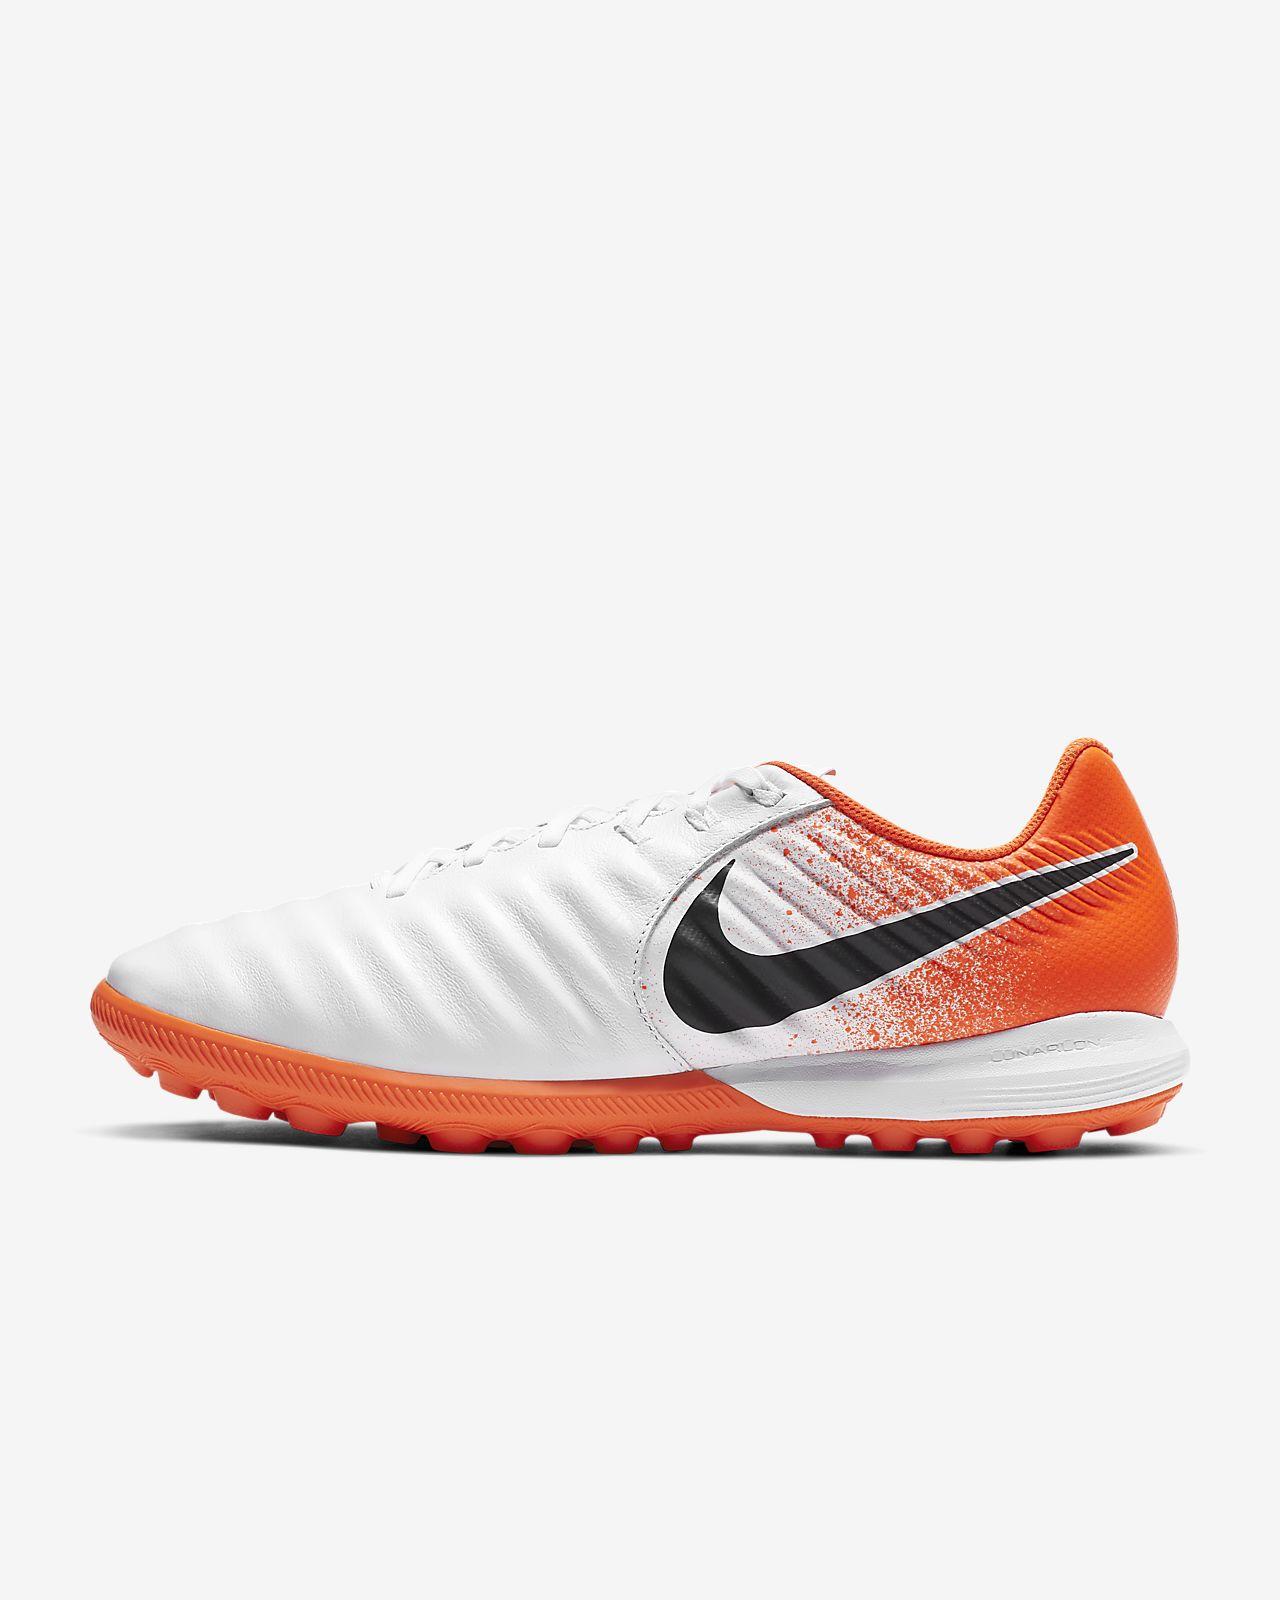 Nike TiempoX Lunar Legend VII Pro voetbalschoen (turf)